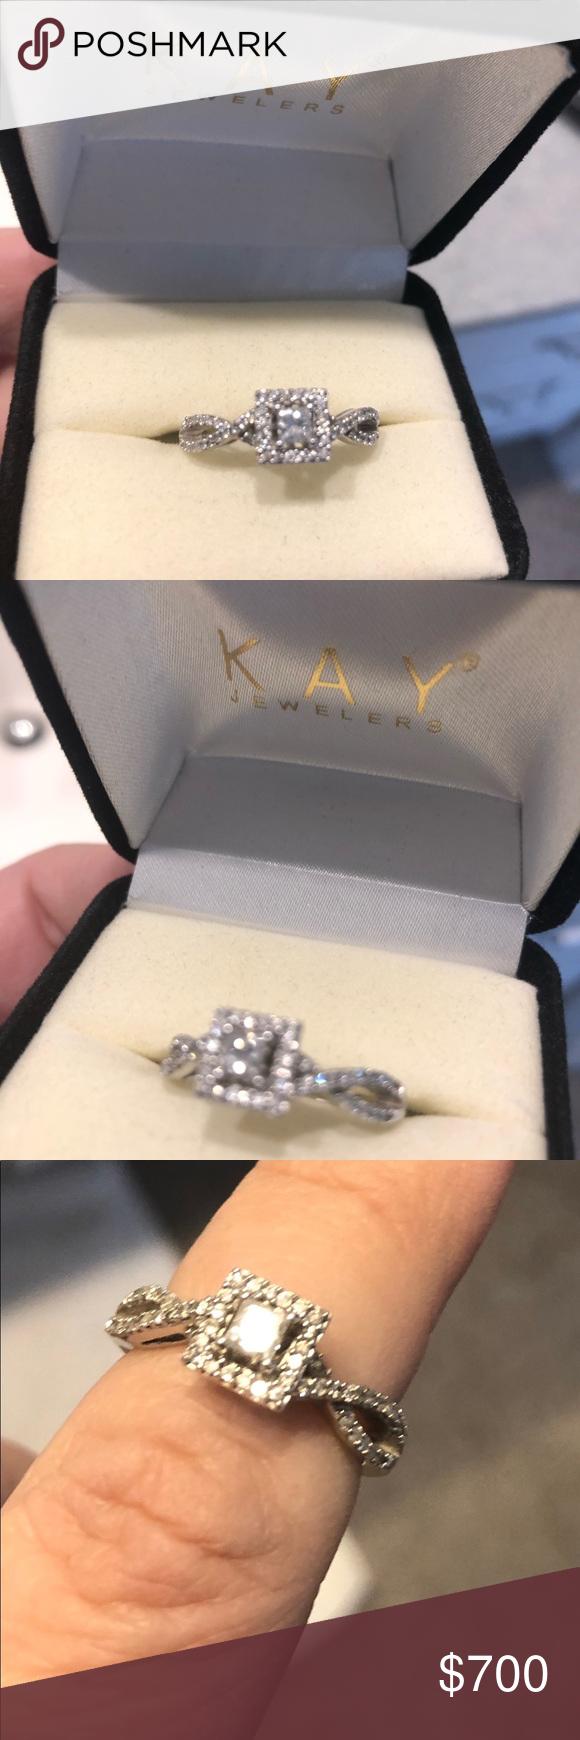 1 2 Karat 14k White Gold Engagement Ring 14k White Gold Engagement Rings White Gold Engagement 14k Engagement Ring